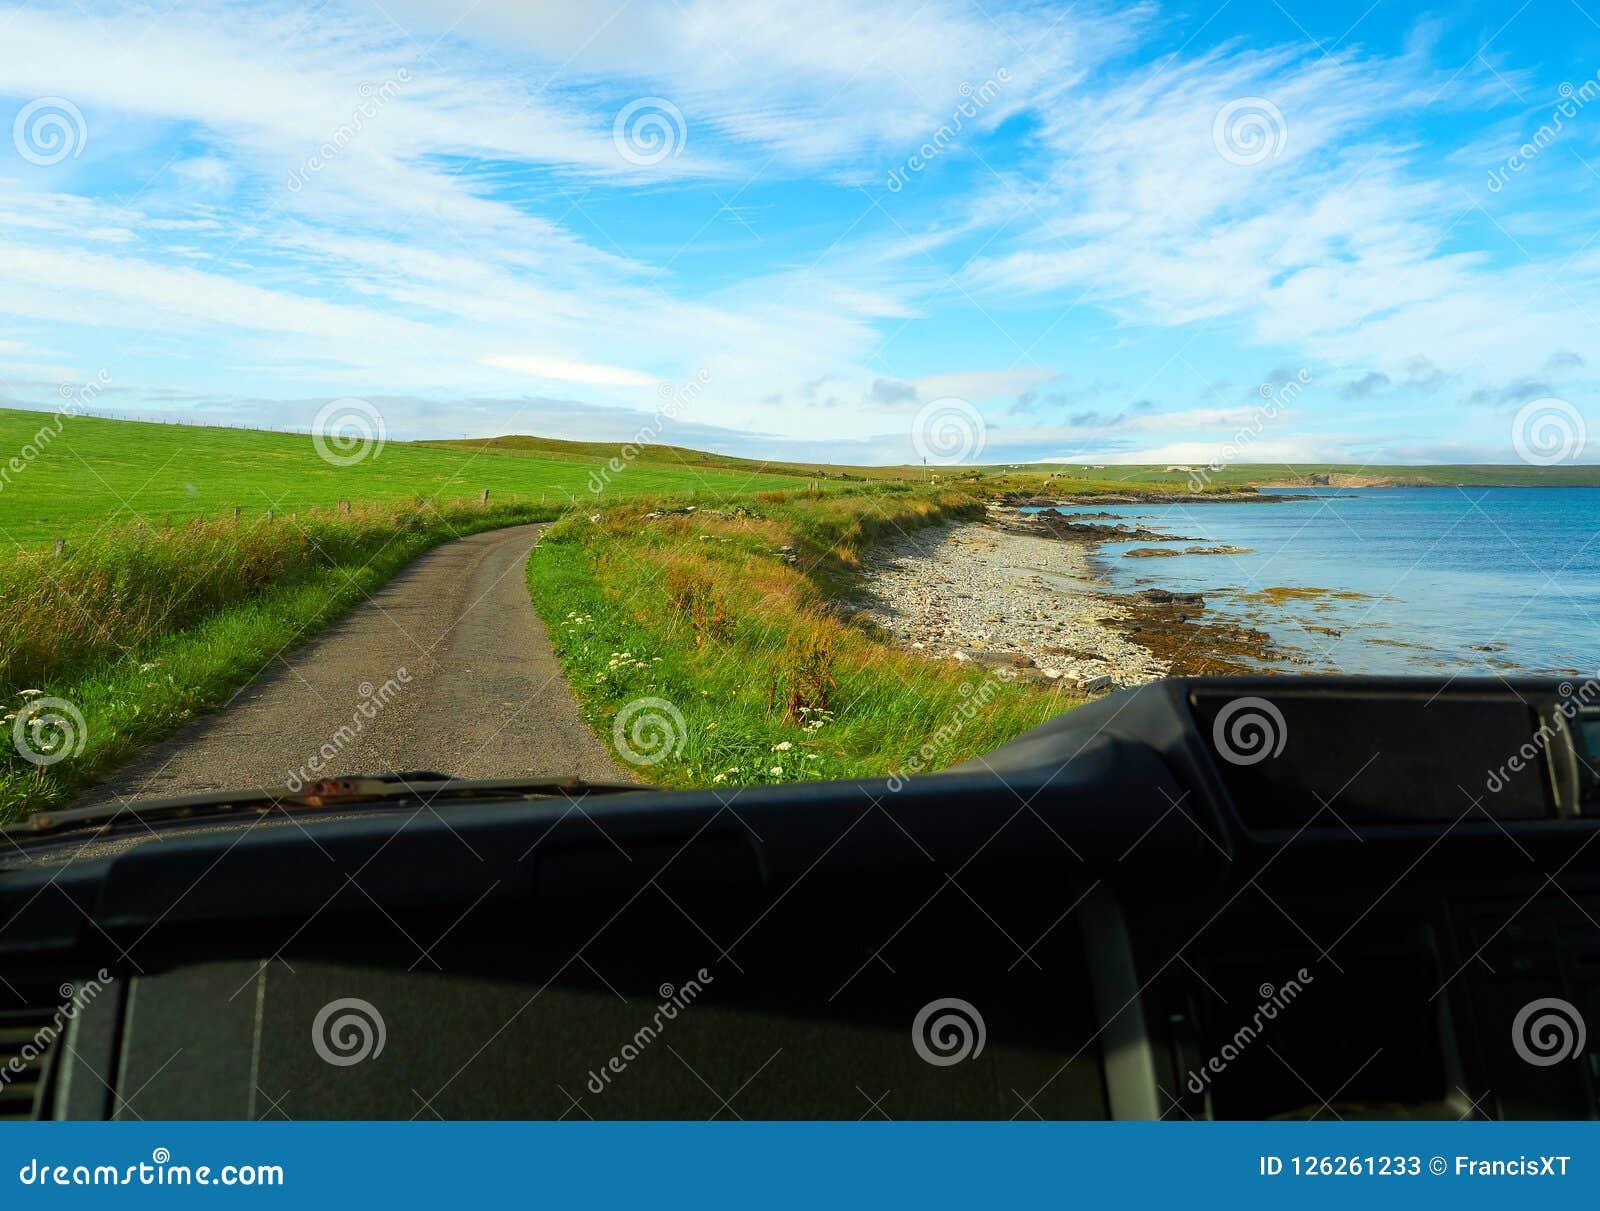 Petite plage de roche et de cailloux vue de l intérieur d une voiture, Îles d Orkney, Ecosse